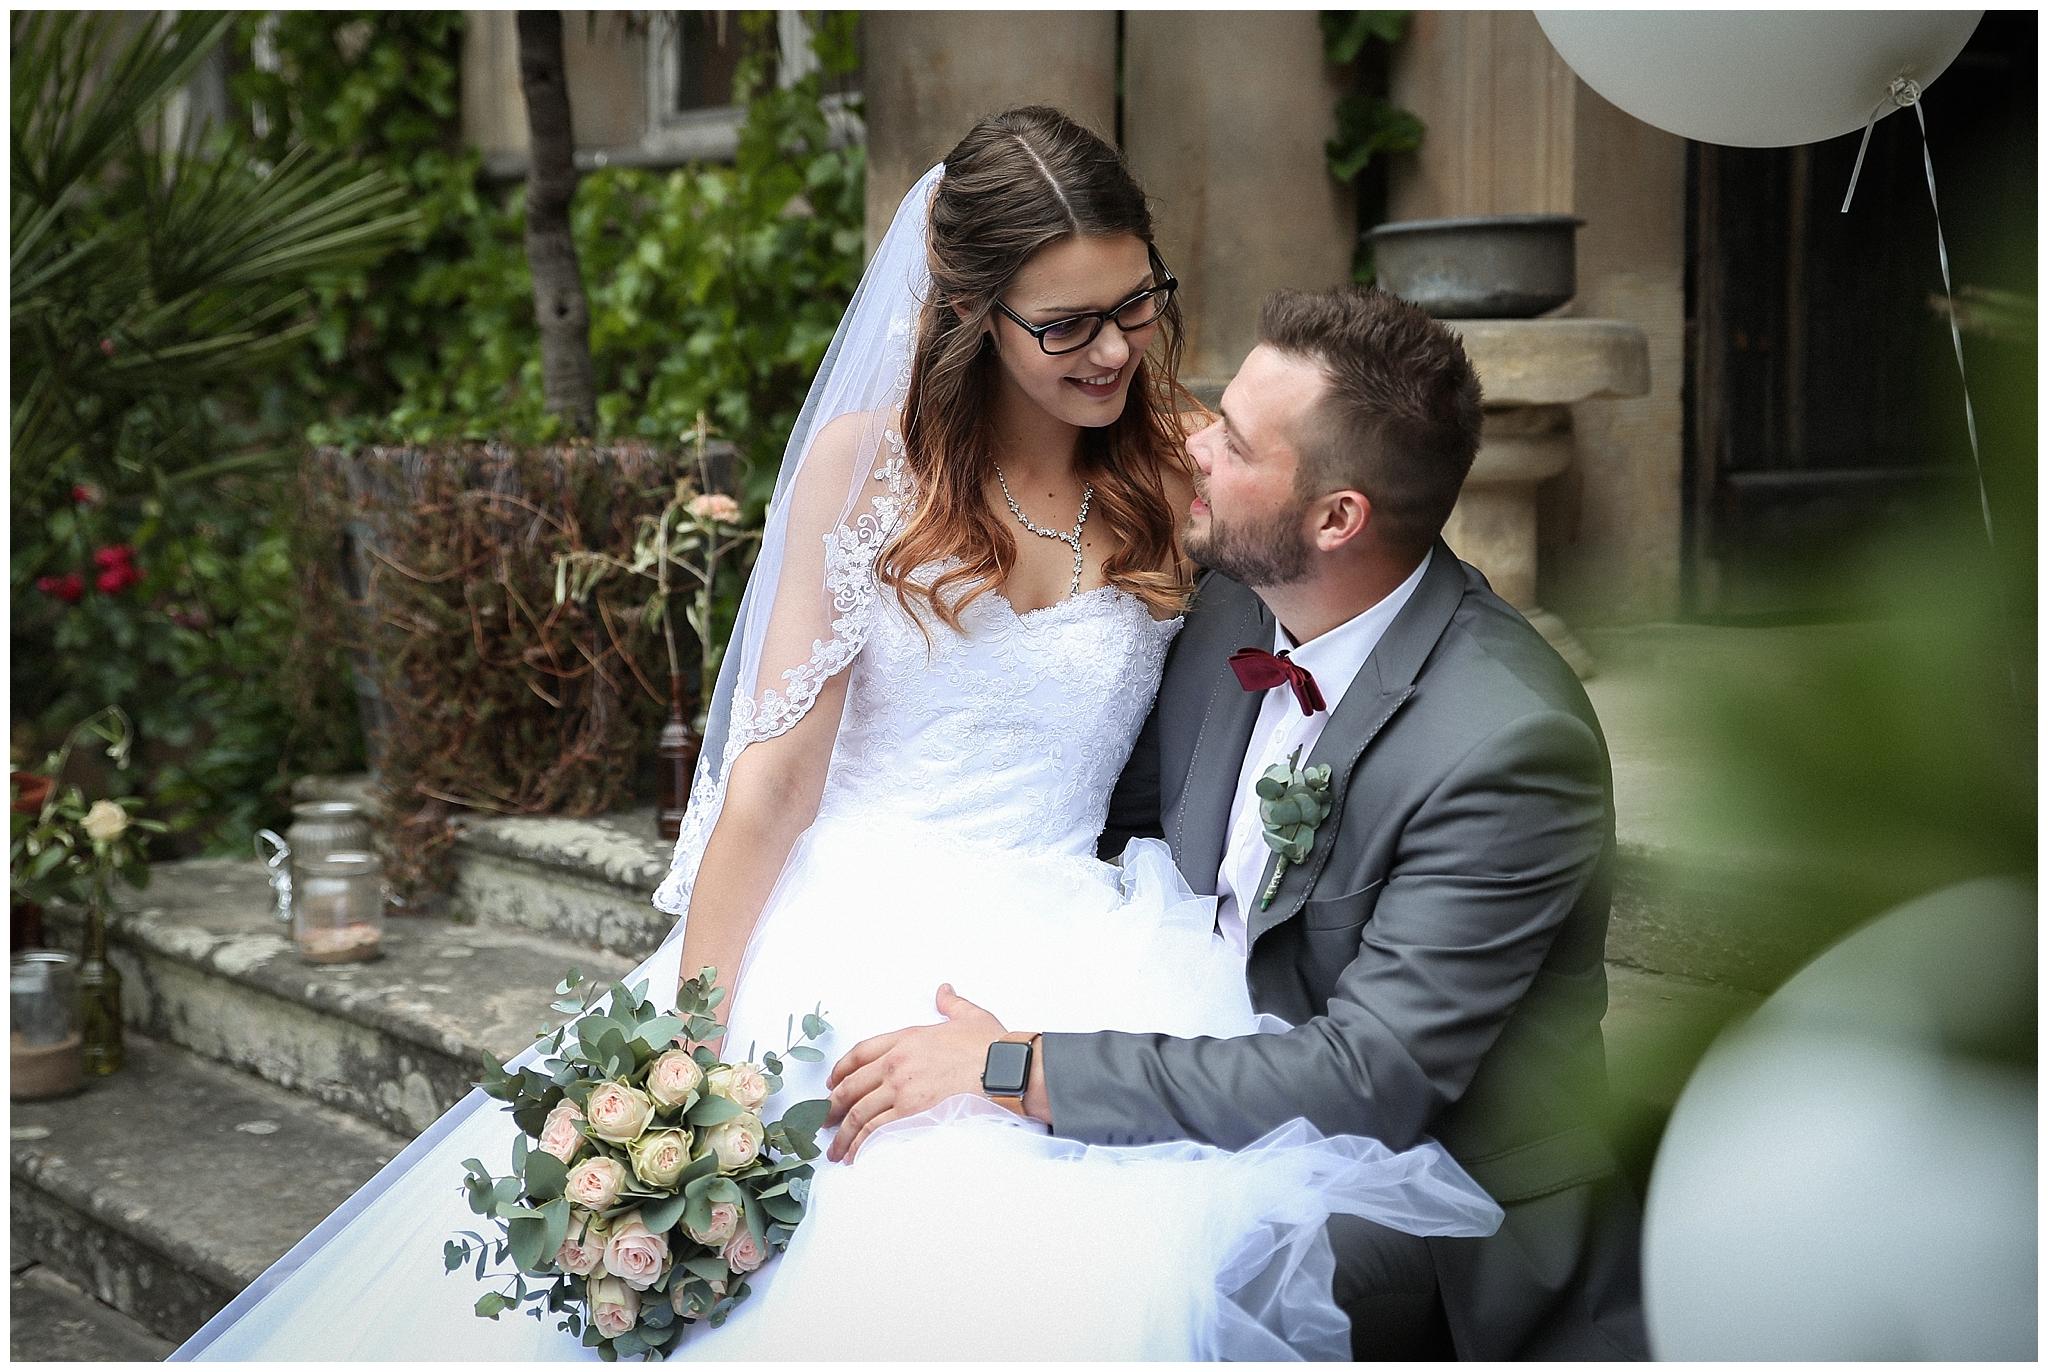 Hochzeit_Menninger_dieLICHTBUILDER_65.jpg